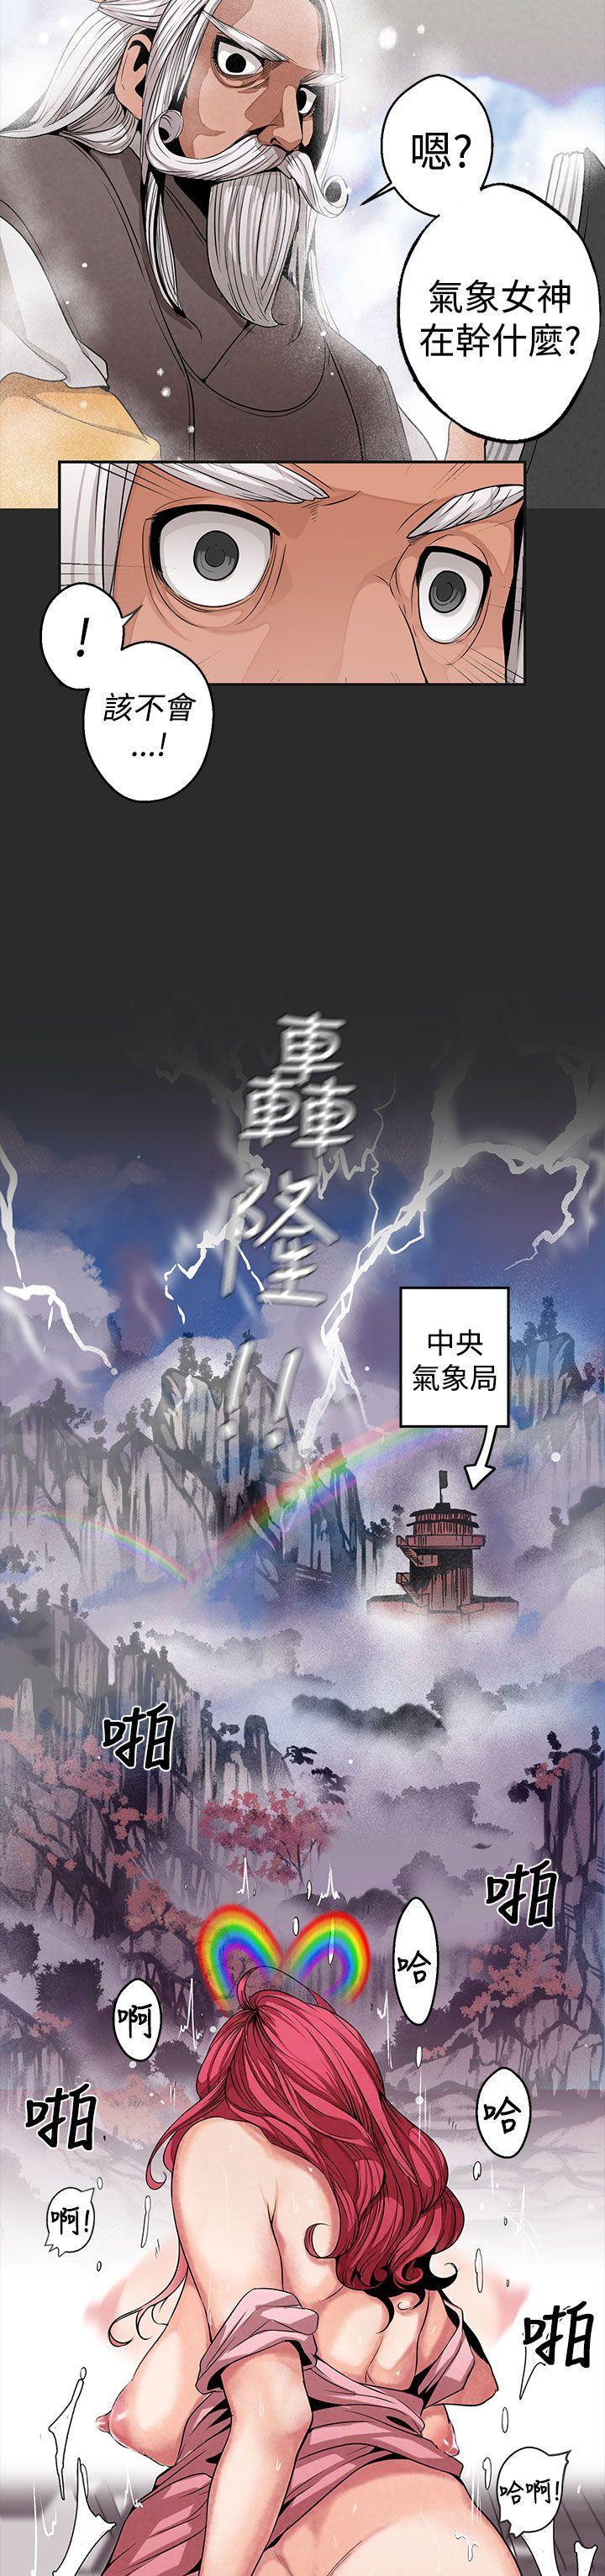 女神狩猎 第1~3話 [Chinese]中文 Harc 71